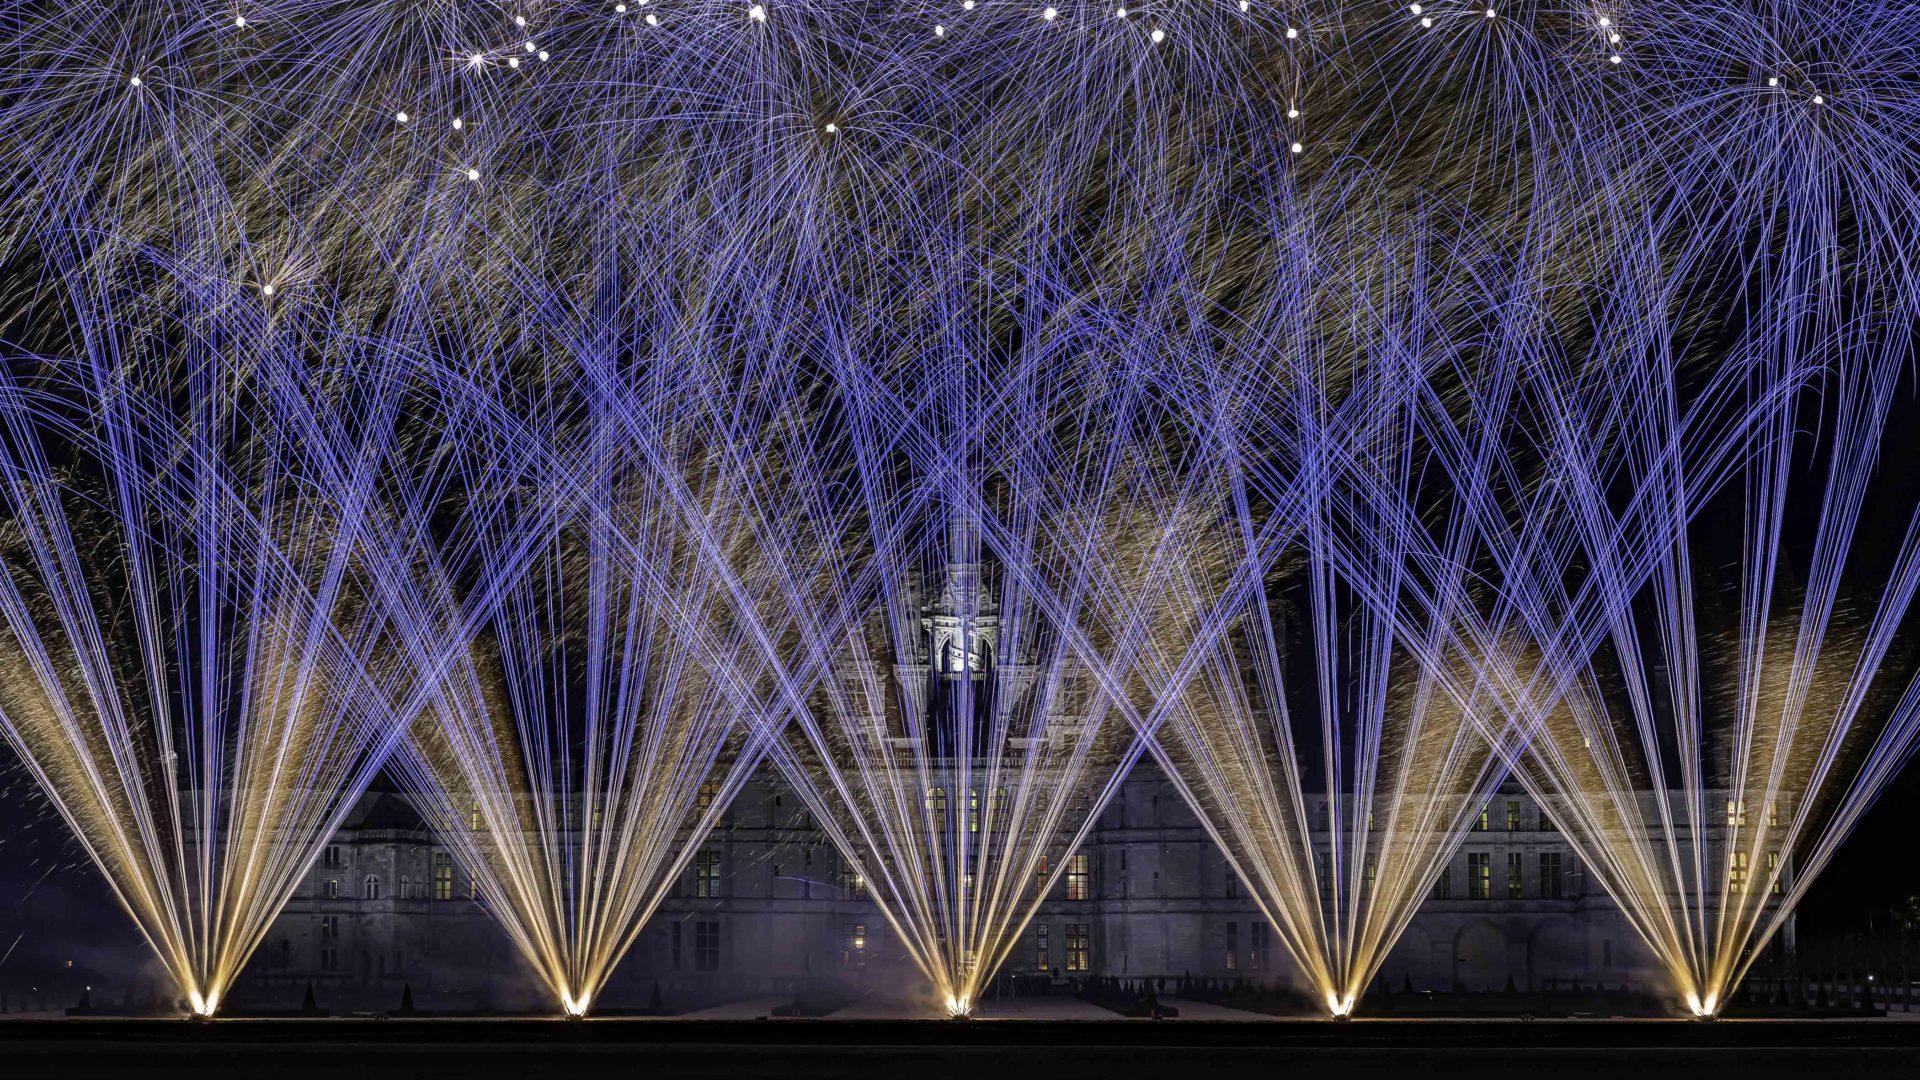 feu d'artifice or et bleu au château de chambord